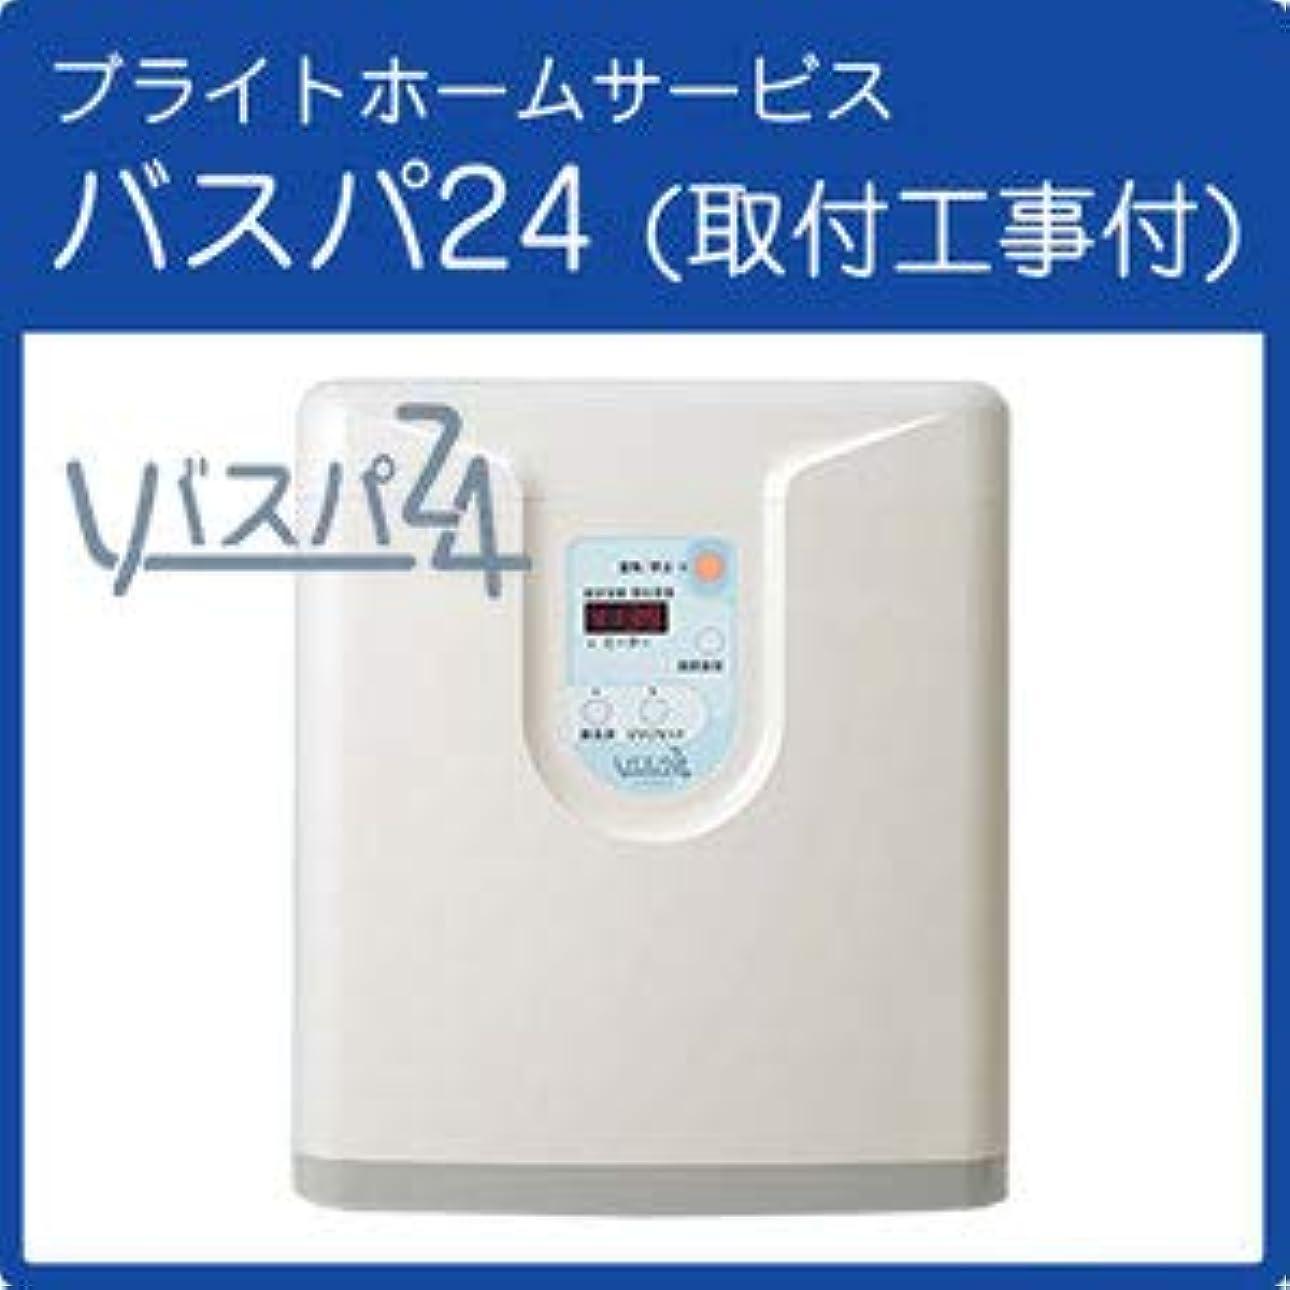 普通にゲージ遊び場ブライトホームサービス 24時間風呂 循環温浴器 バスパ24 BHS-02B お取付工事付